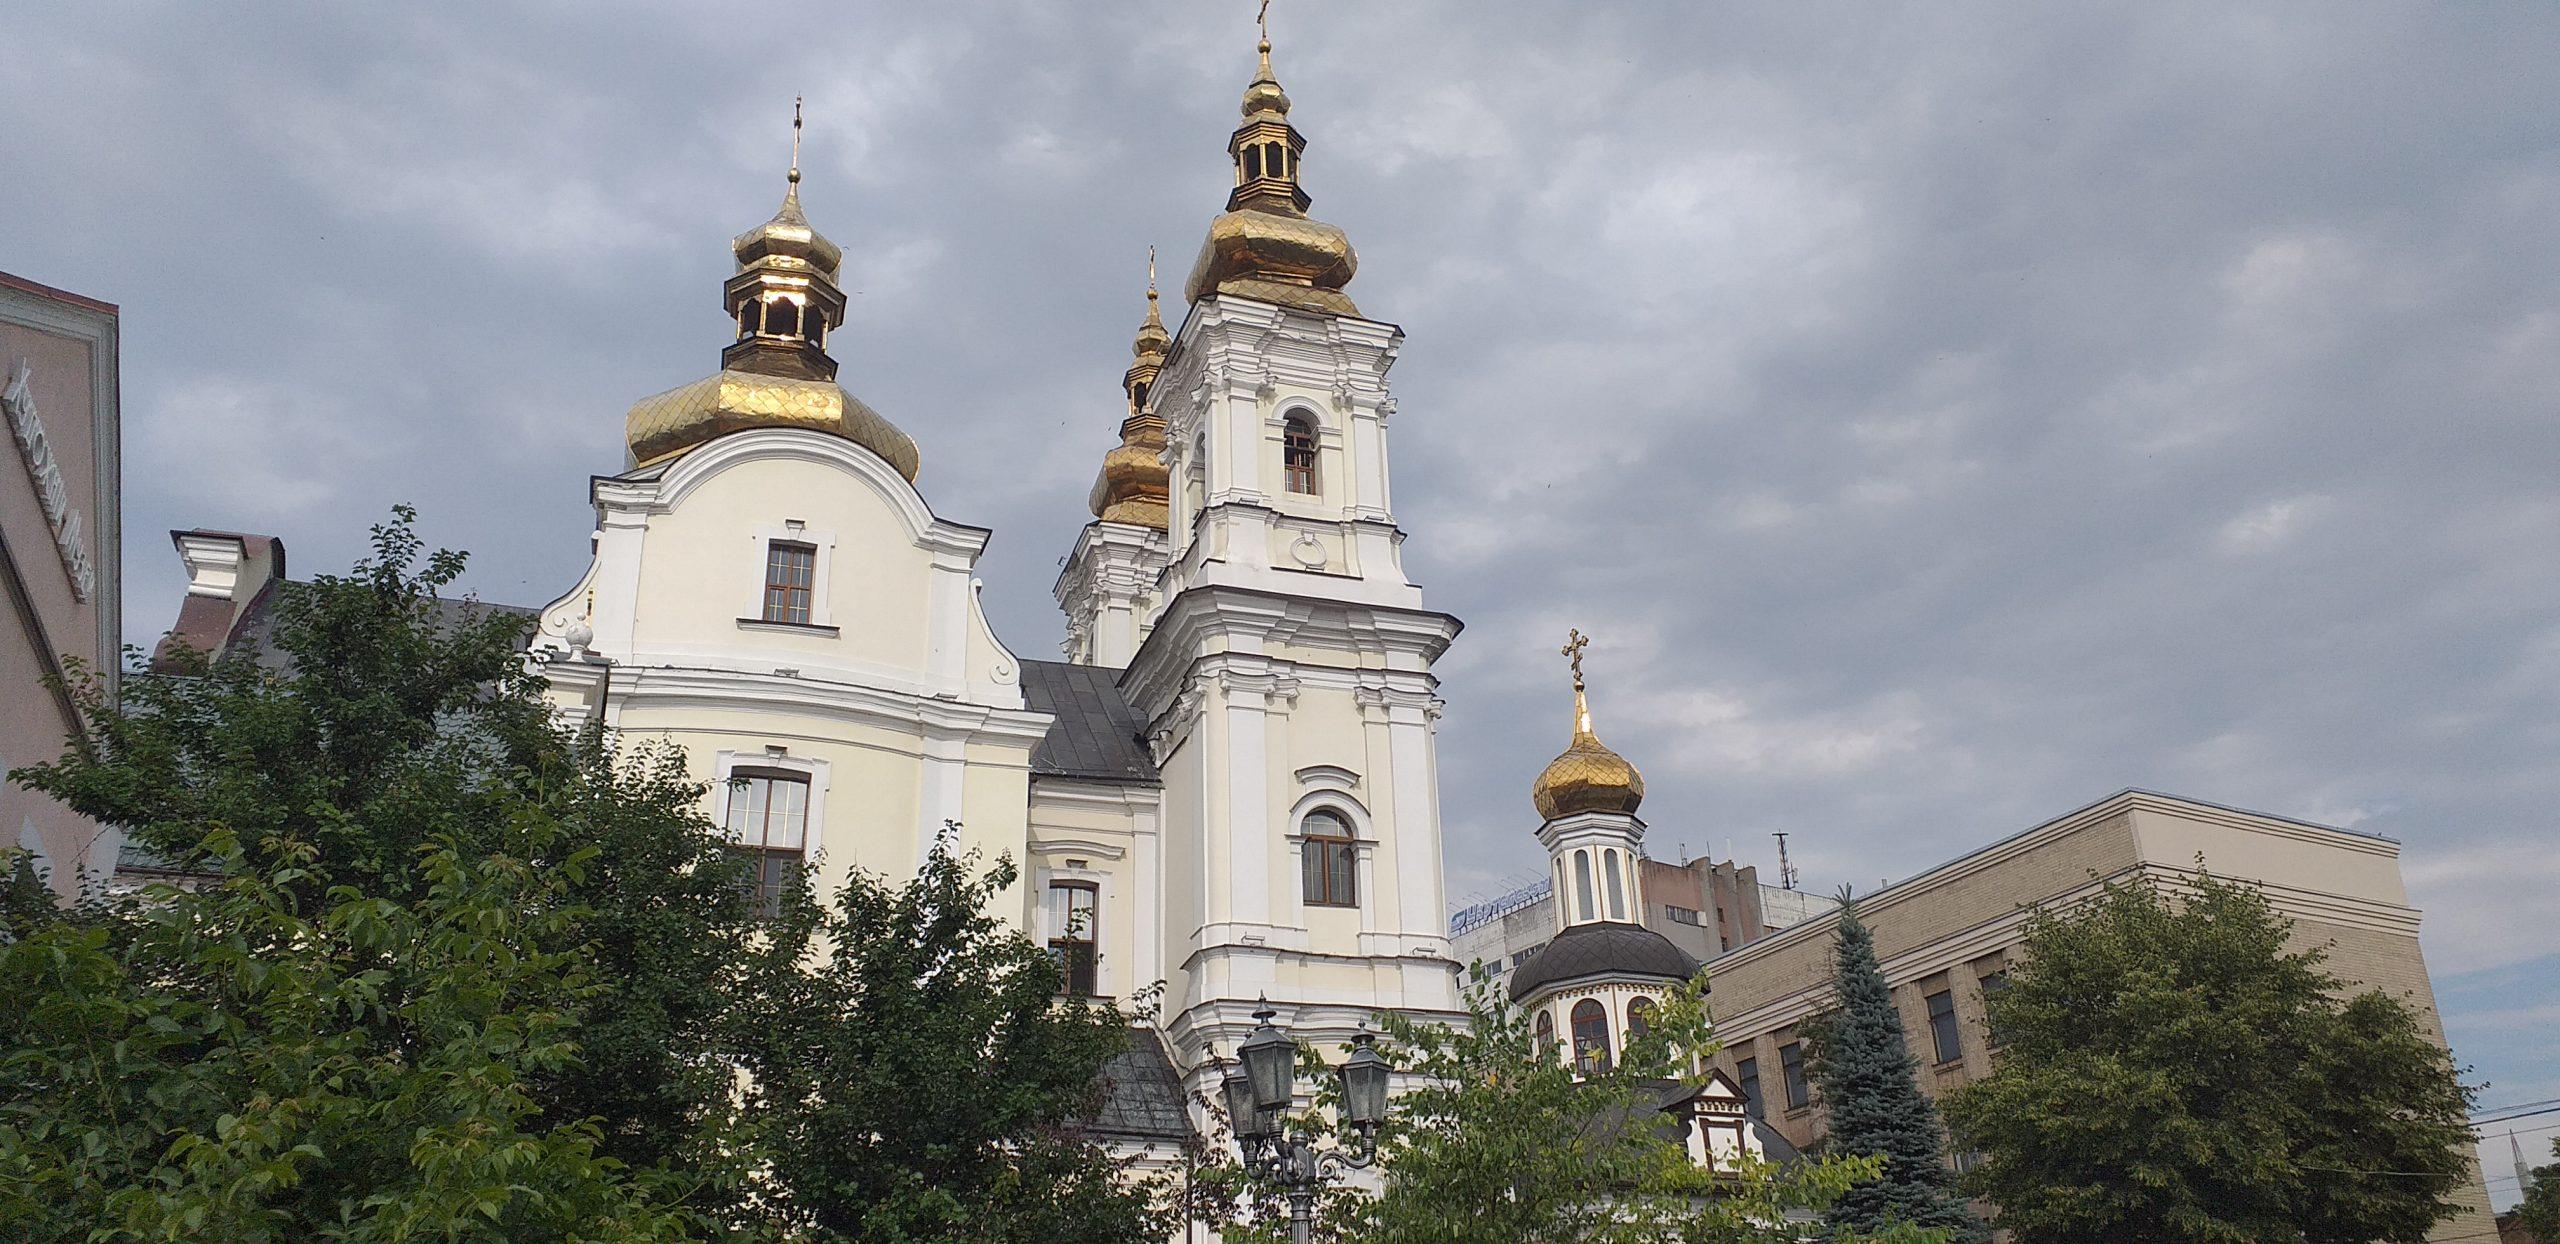 Спасо-Преображенский собор в Виннице